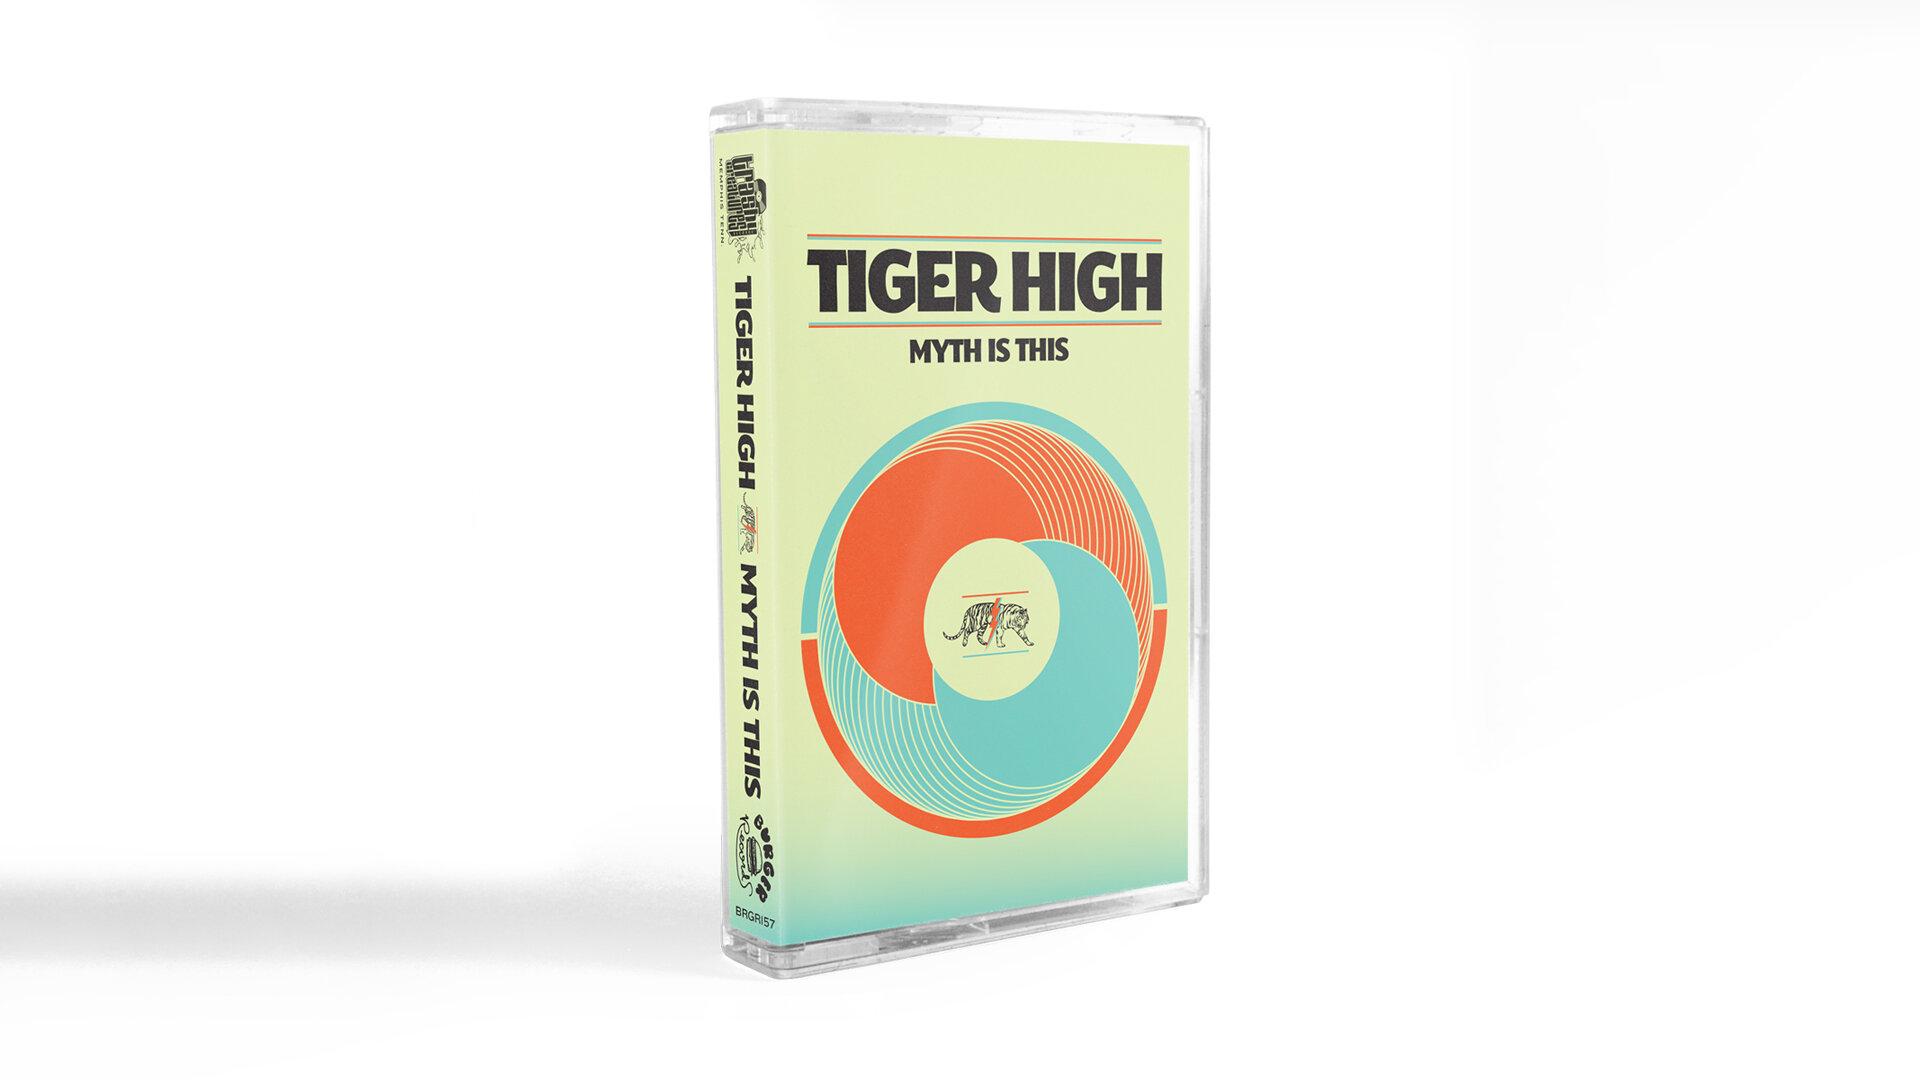 TH-Myth-Cassette-Cover-Mockup.jpg